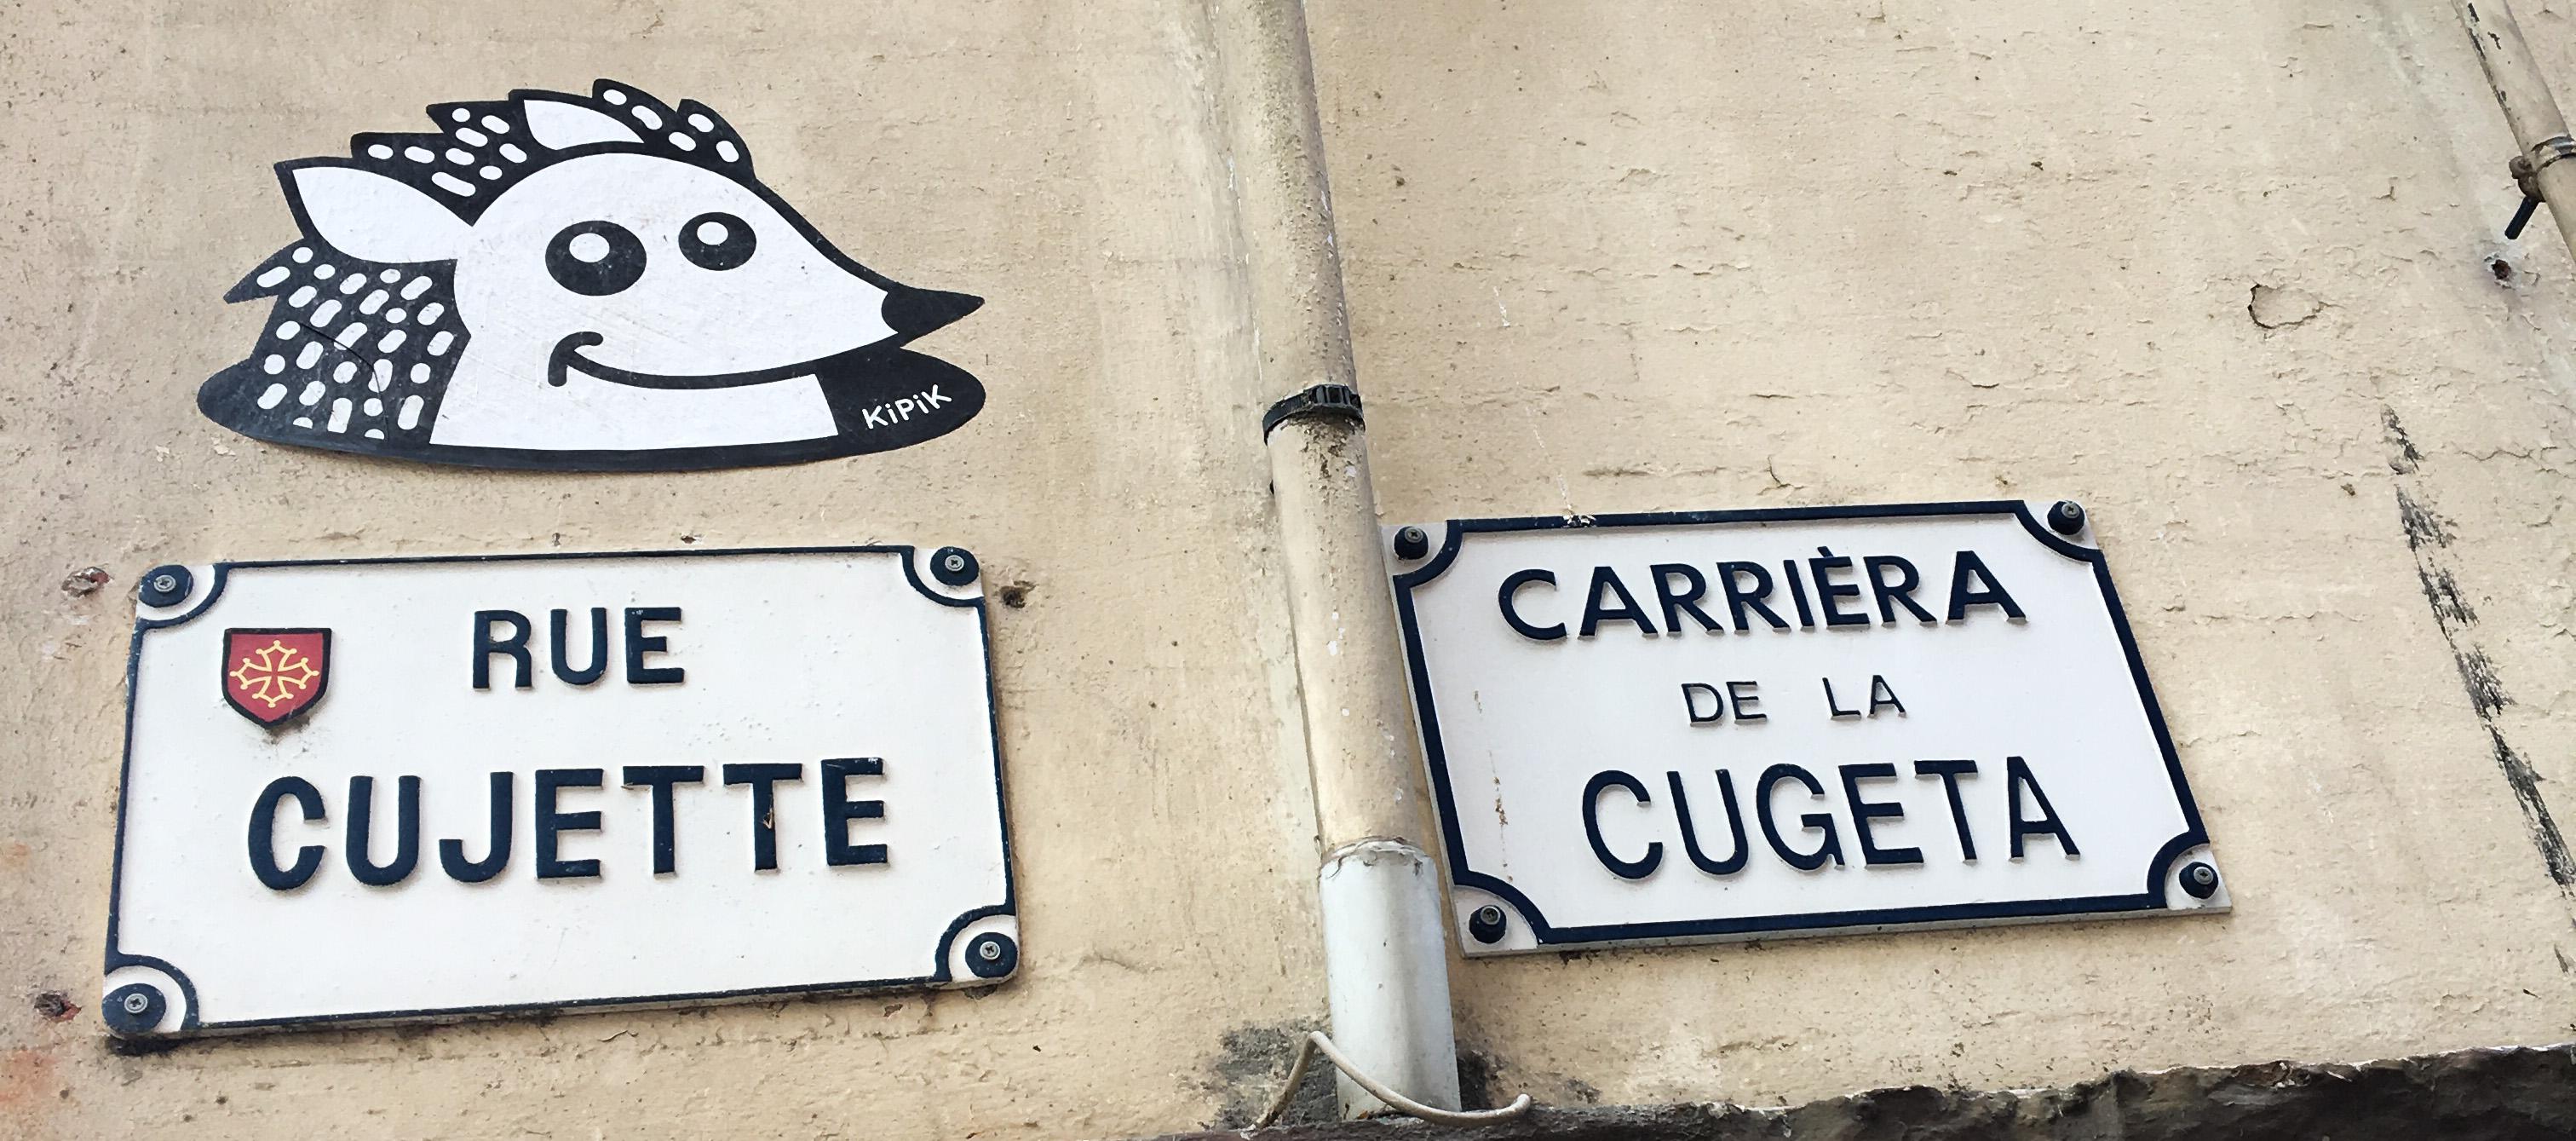 Un poquito más de Francia: Toulouse, esa ciudad que me enamoró, y Carcassonne.